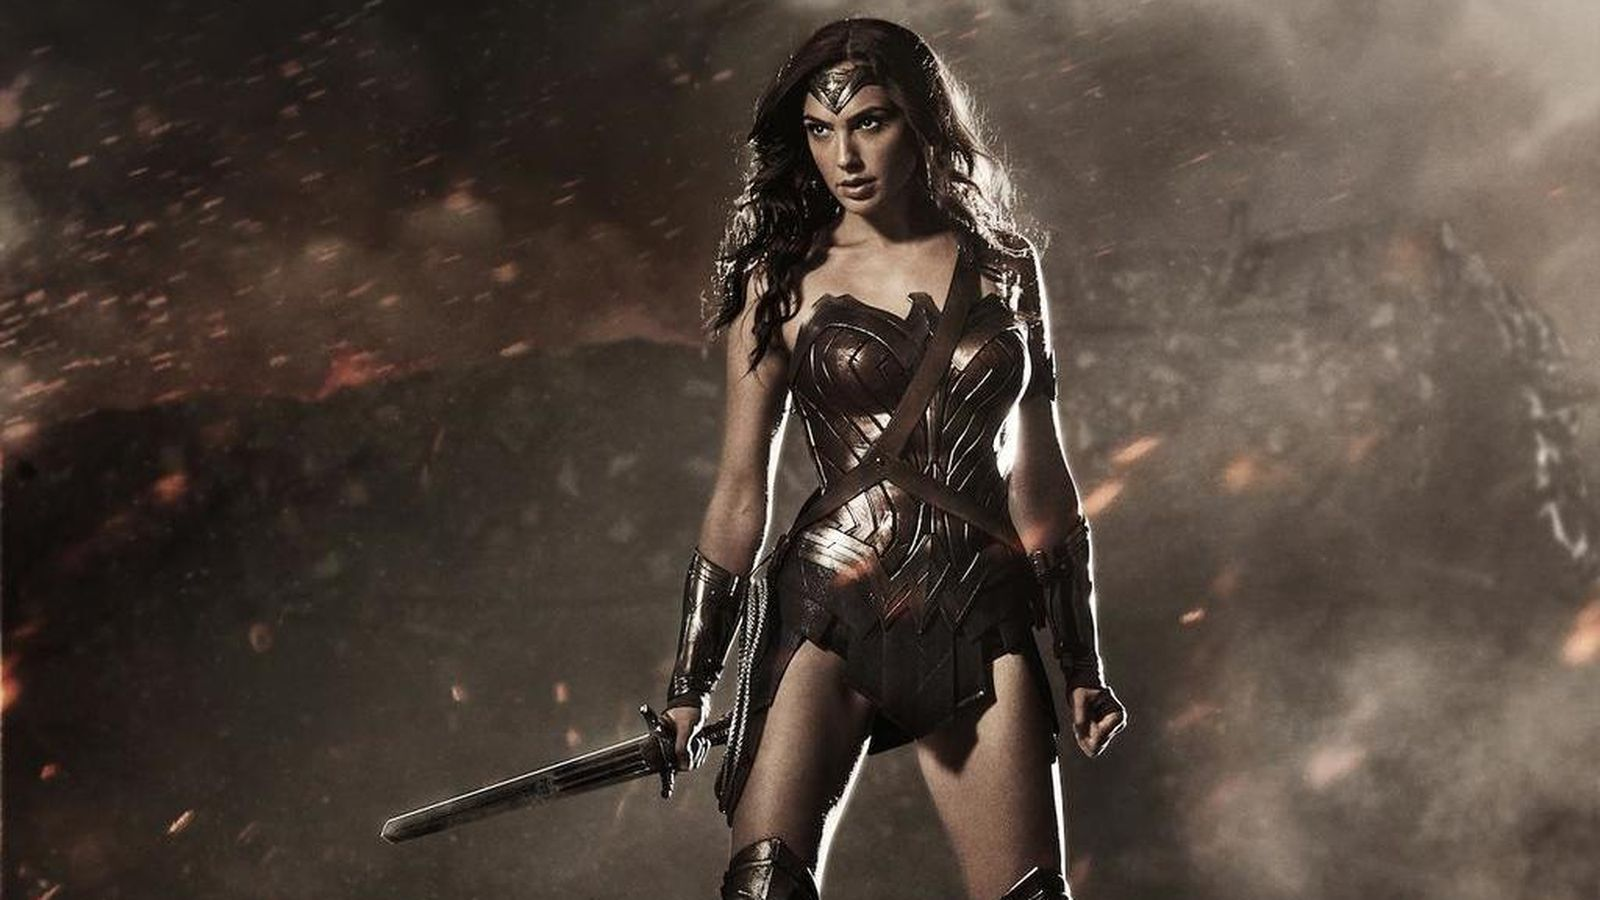 Trailer sobre el origen de La Mujer Maravilla